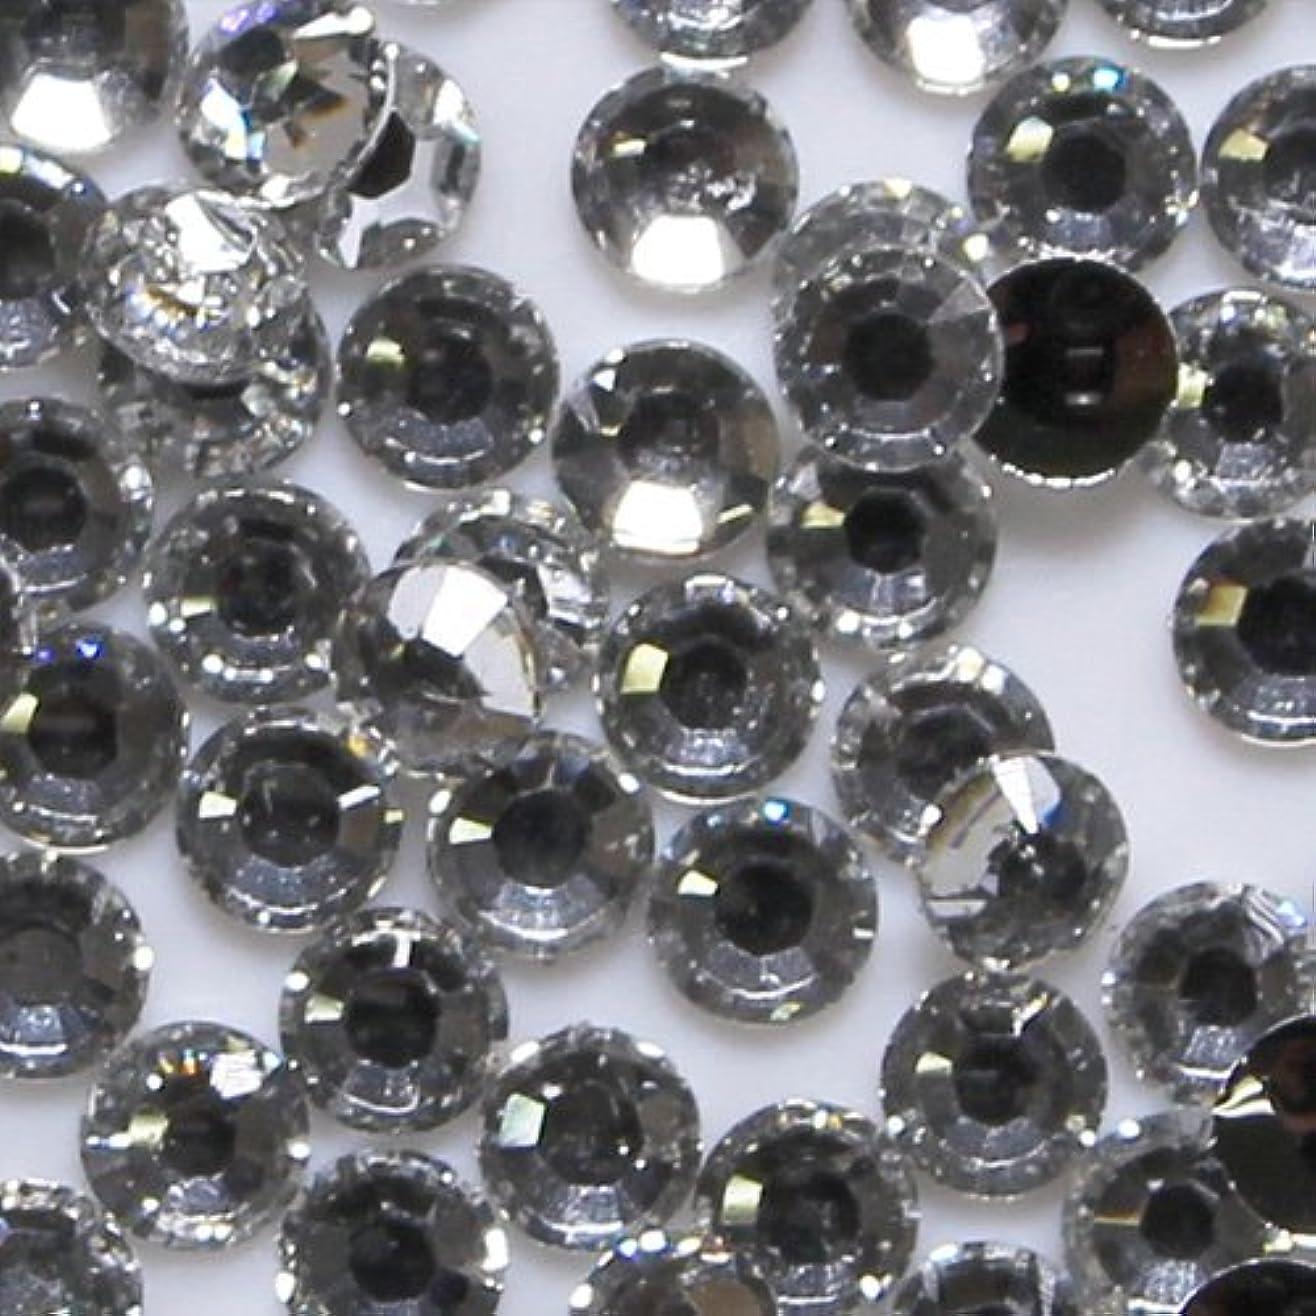 神社ノーブル解体する高品質 アクリルストーン ラインストーン ラウンドフラット 約1000粒入り 4mm ダイヤモンド